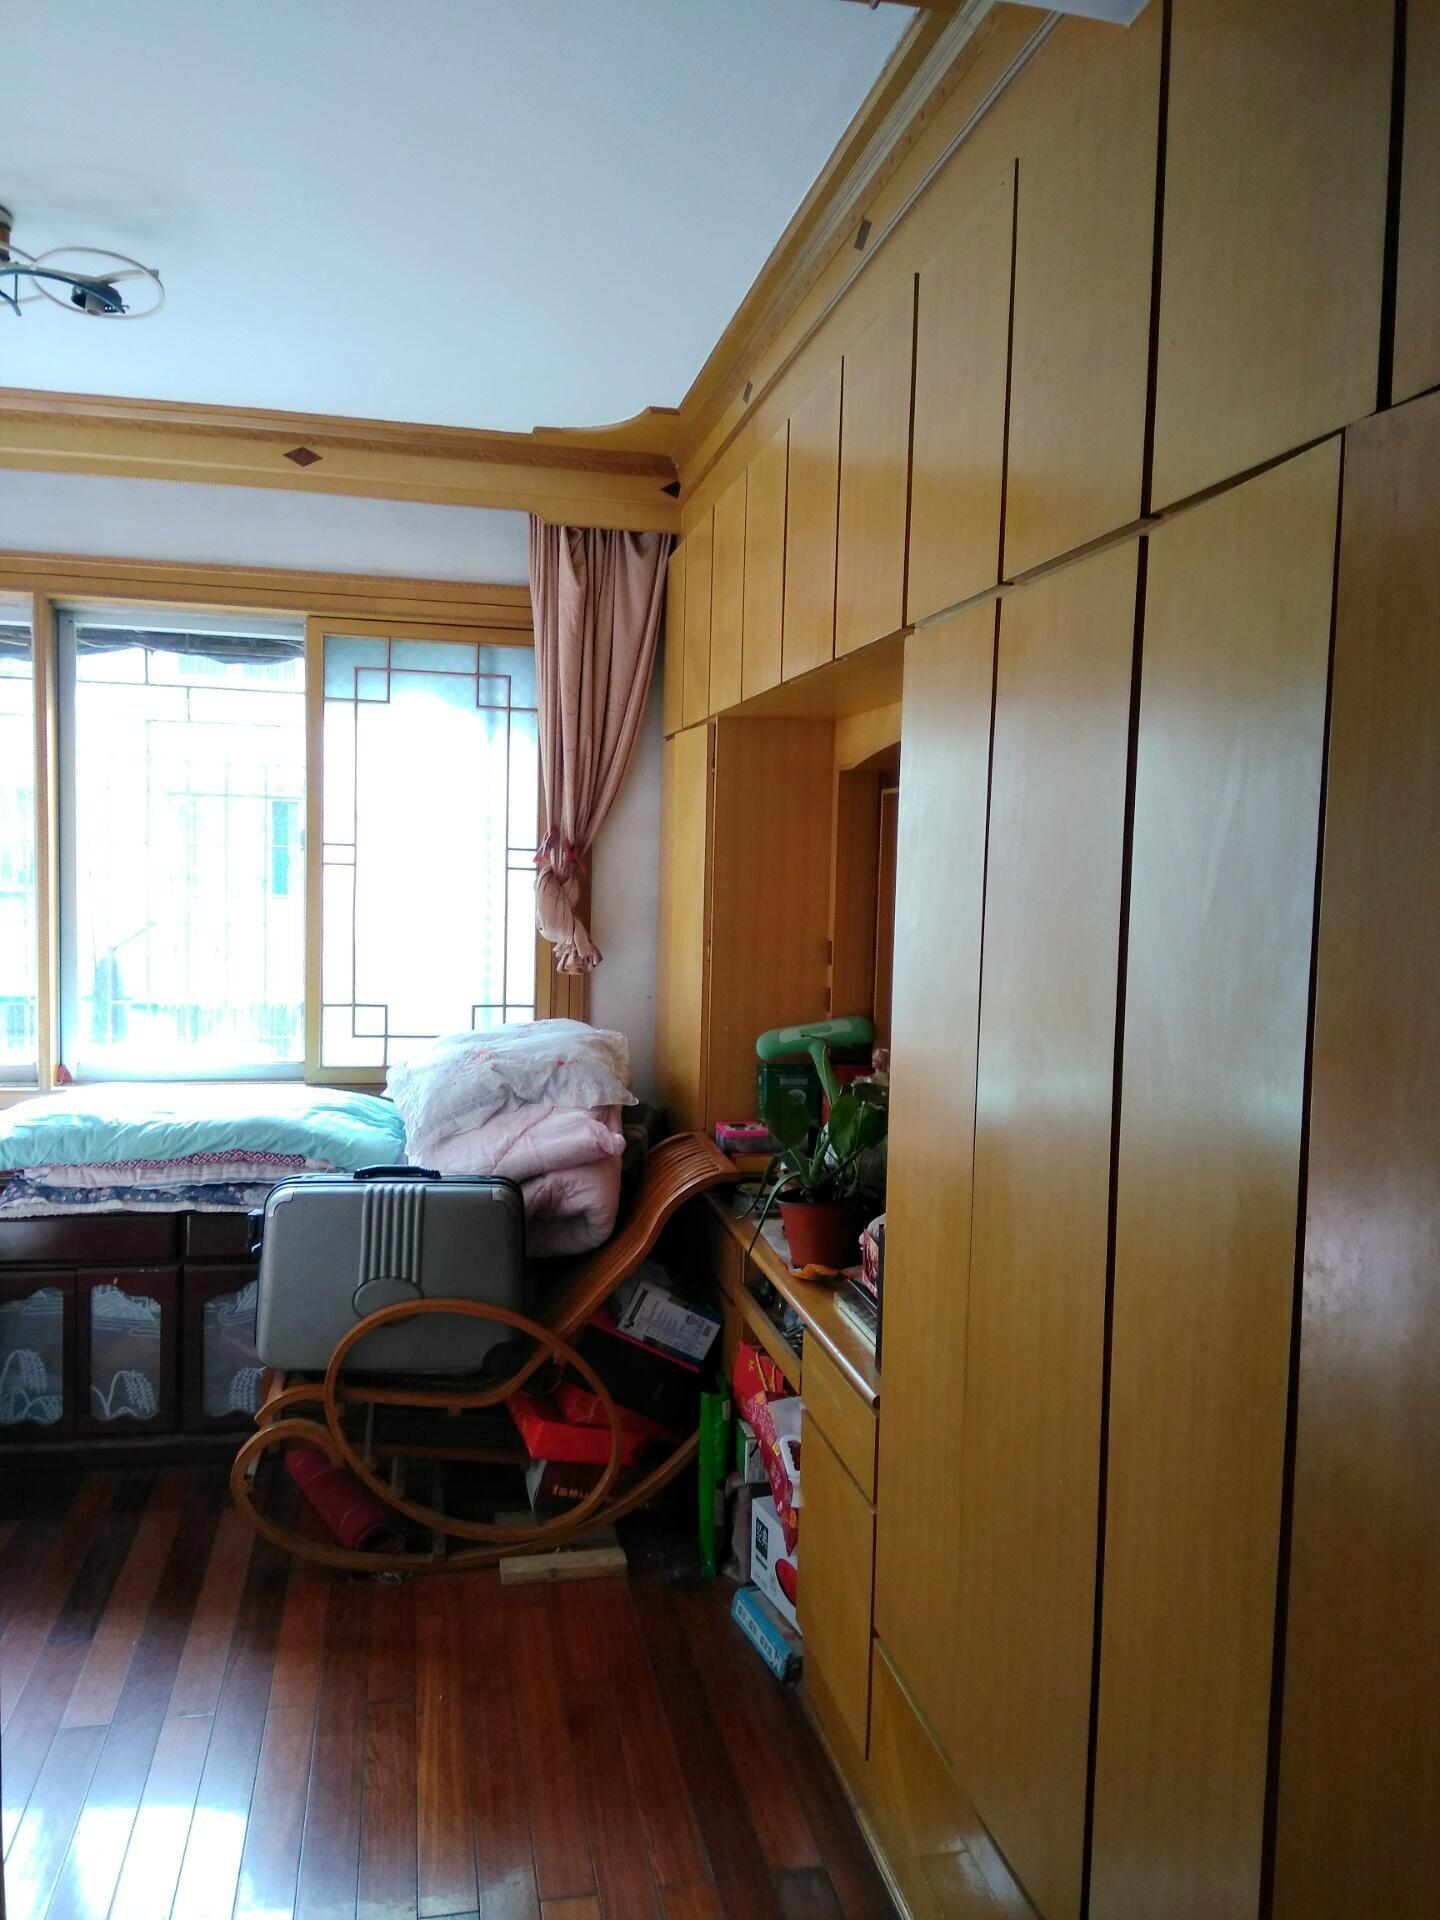 龙泉北村2室2厅98.65平米多层3楼简装房急售